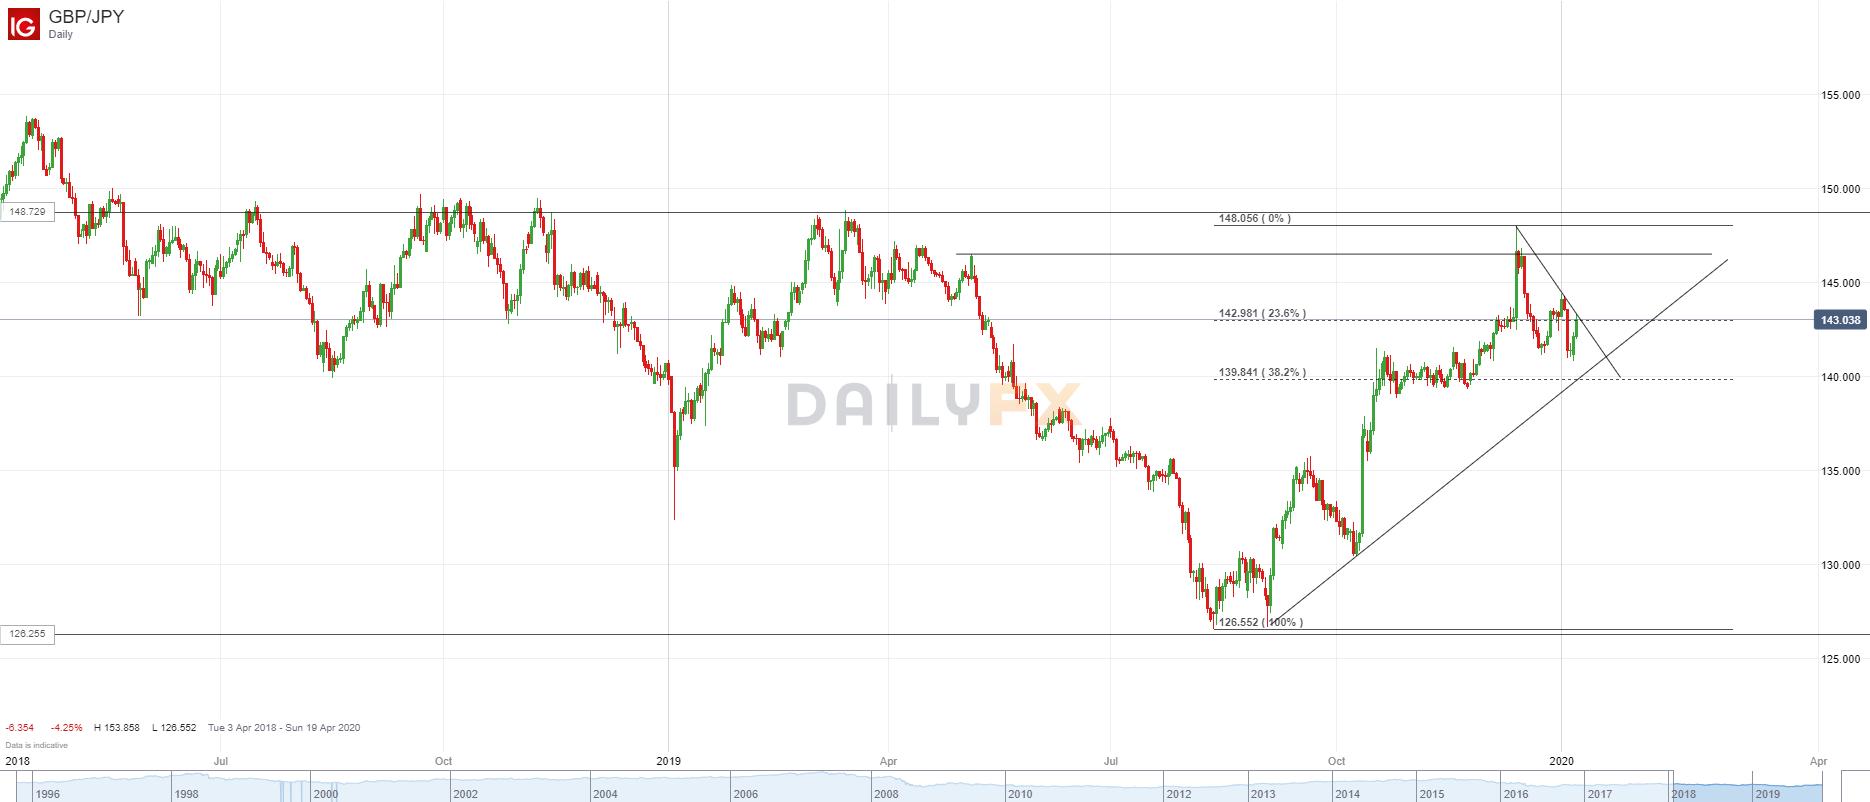 英镑/日元技术分析:守住去年12月24日低点,近期可能在该位上方整理